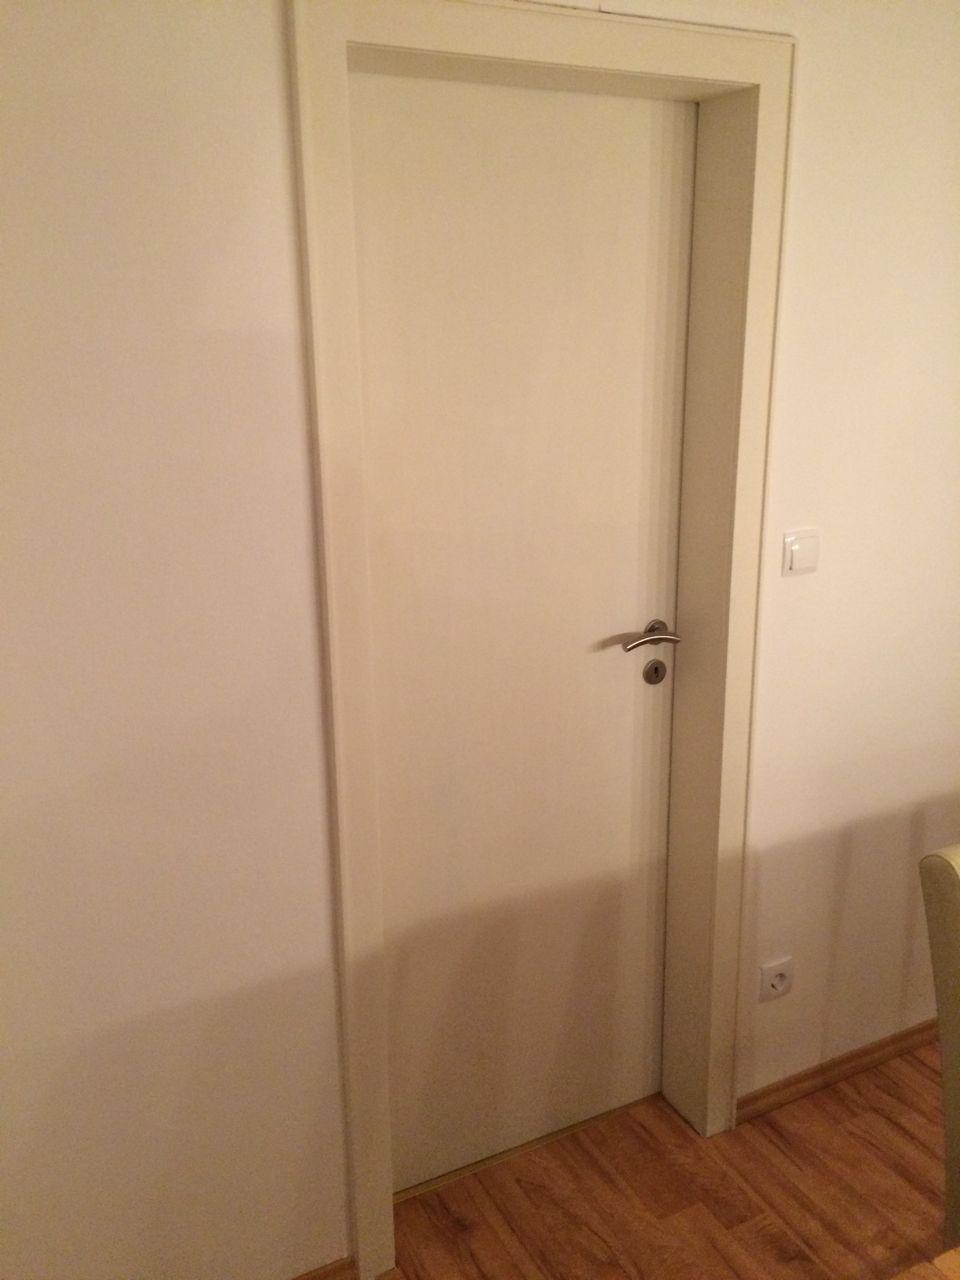 Alte Zimmertüren Müssen Nicht Zwangsläufig Erneuert Werden, In Dieser  Anleitung Erfahren Sie Wie Sie Türen Lackieren. Egal Ob Weiss Oder Eine  Andere Farbe!